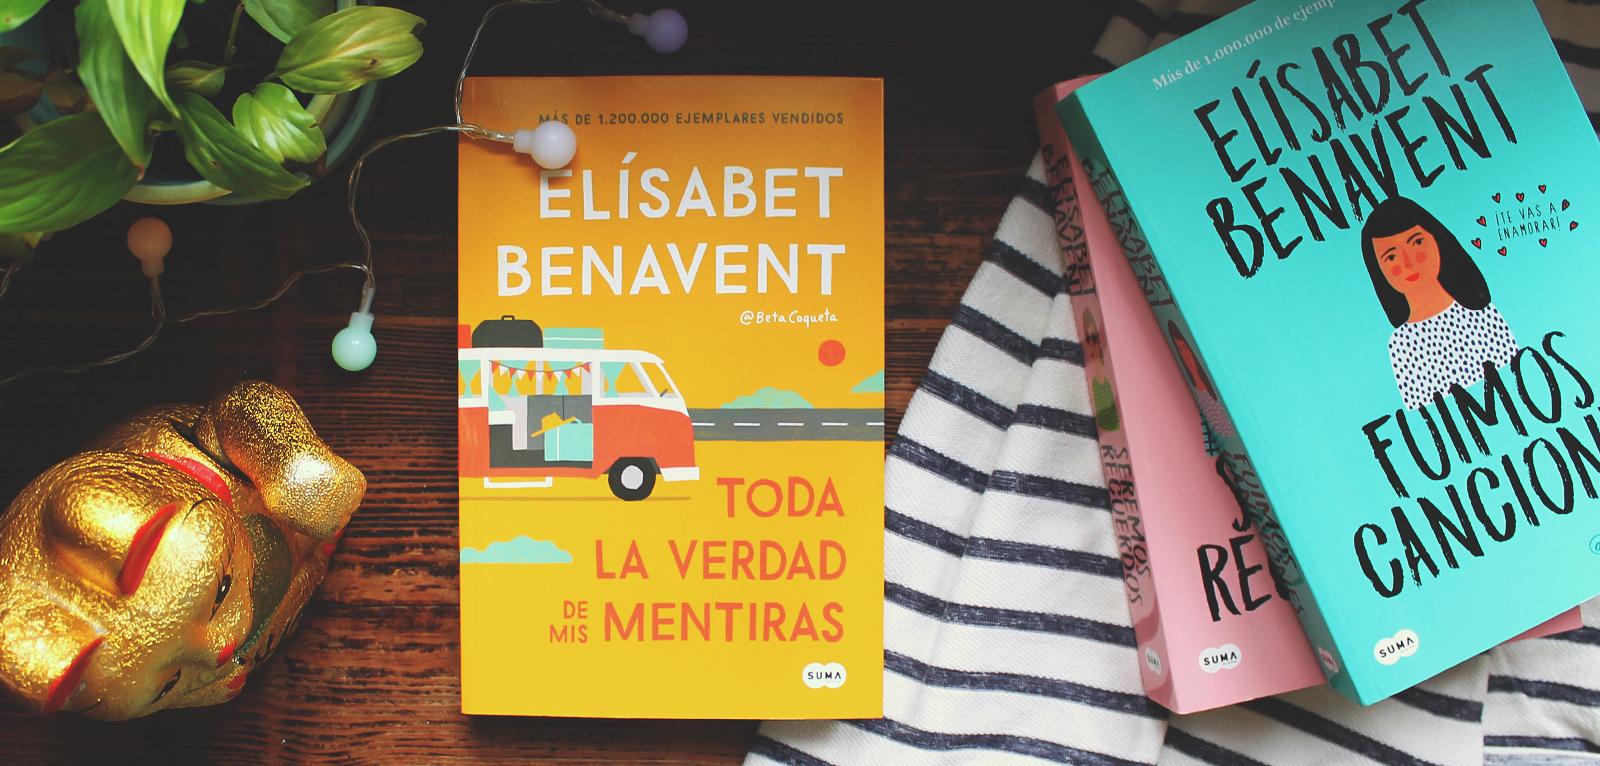 Toda la verdad de mis mentiras · Elísabet Benavent